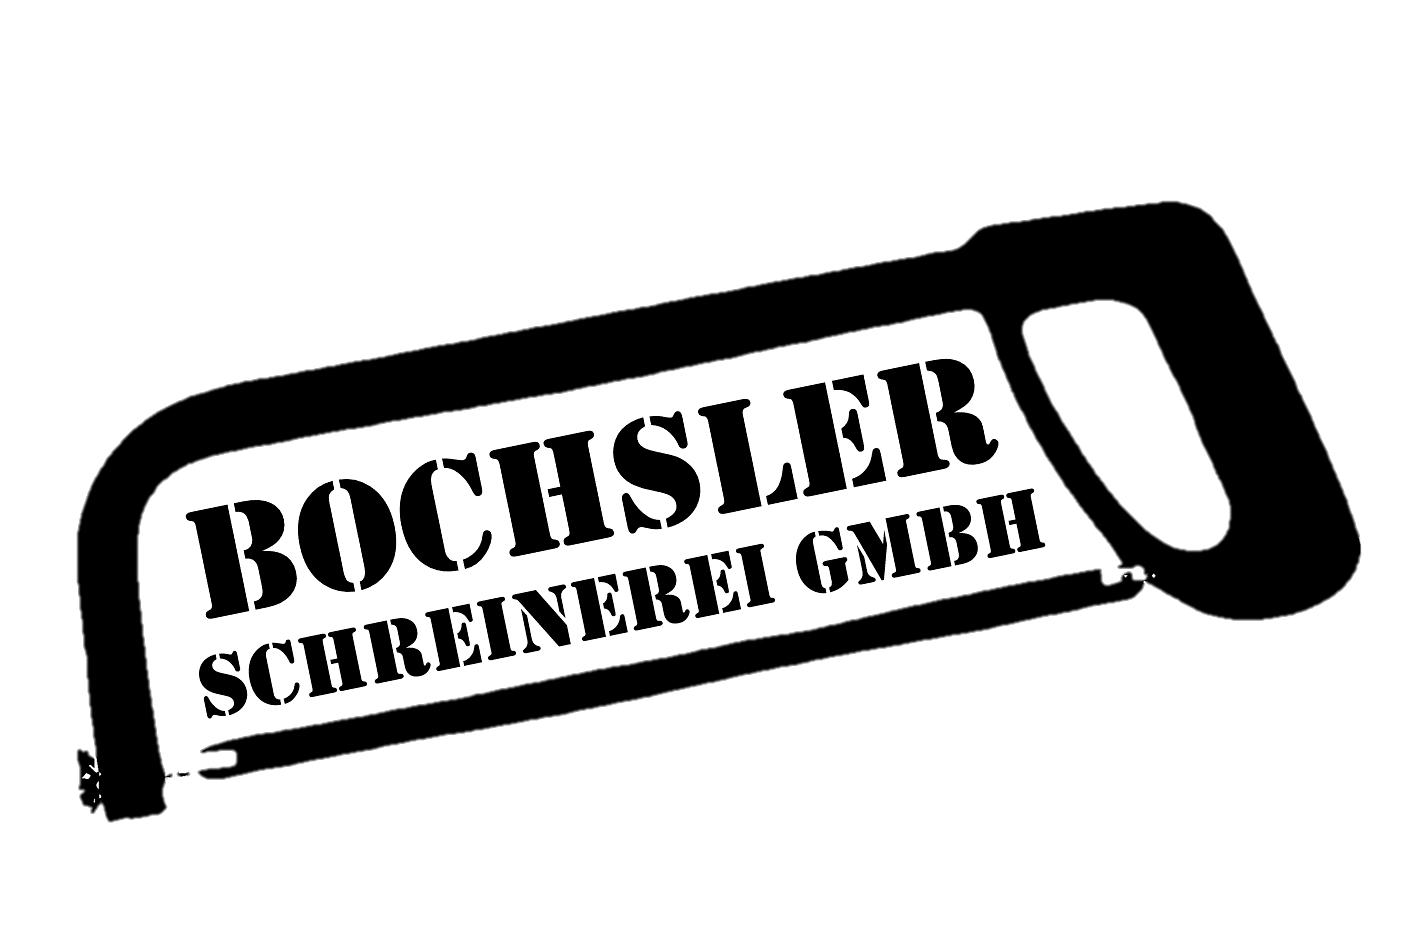 Bochsler Schreinerei GmbH